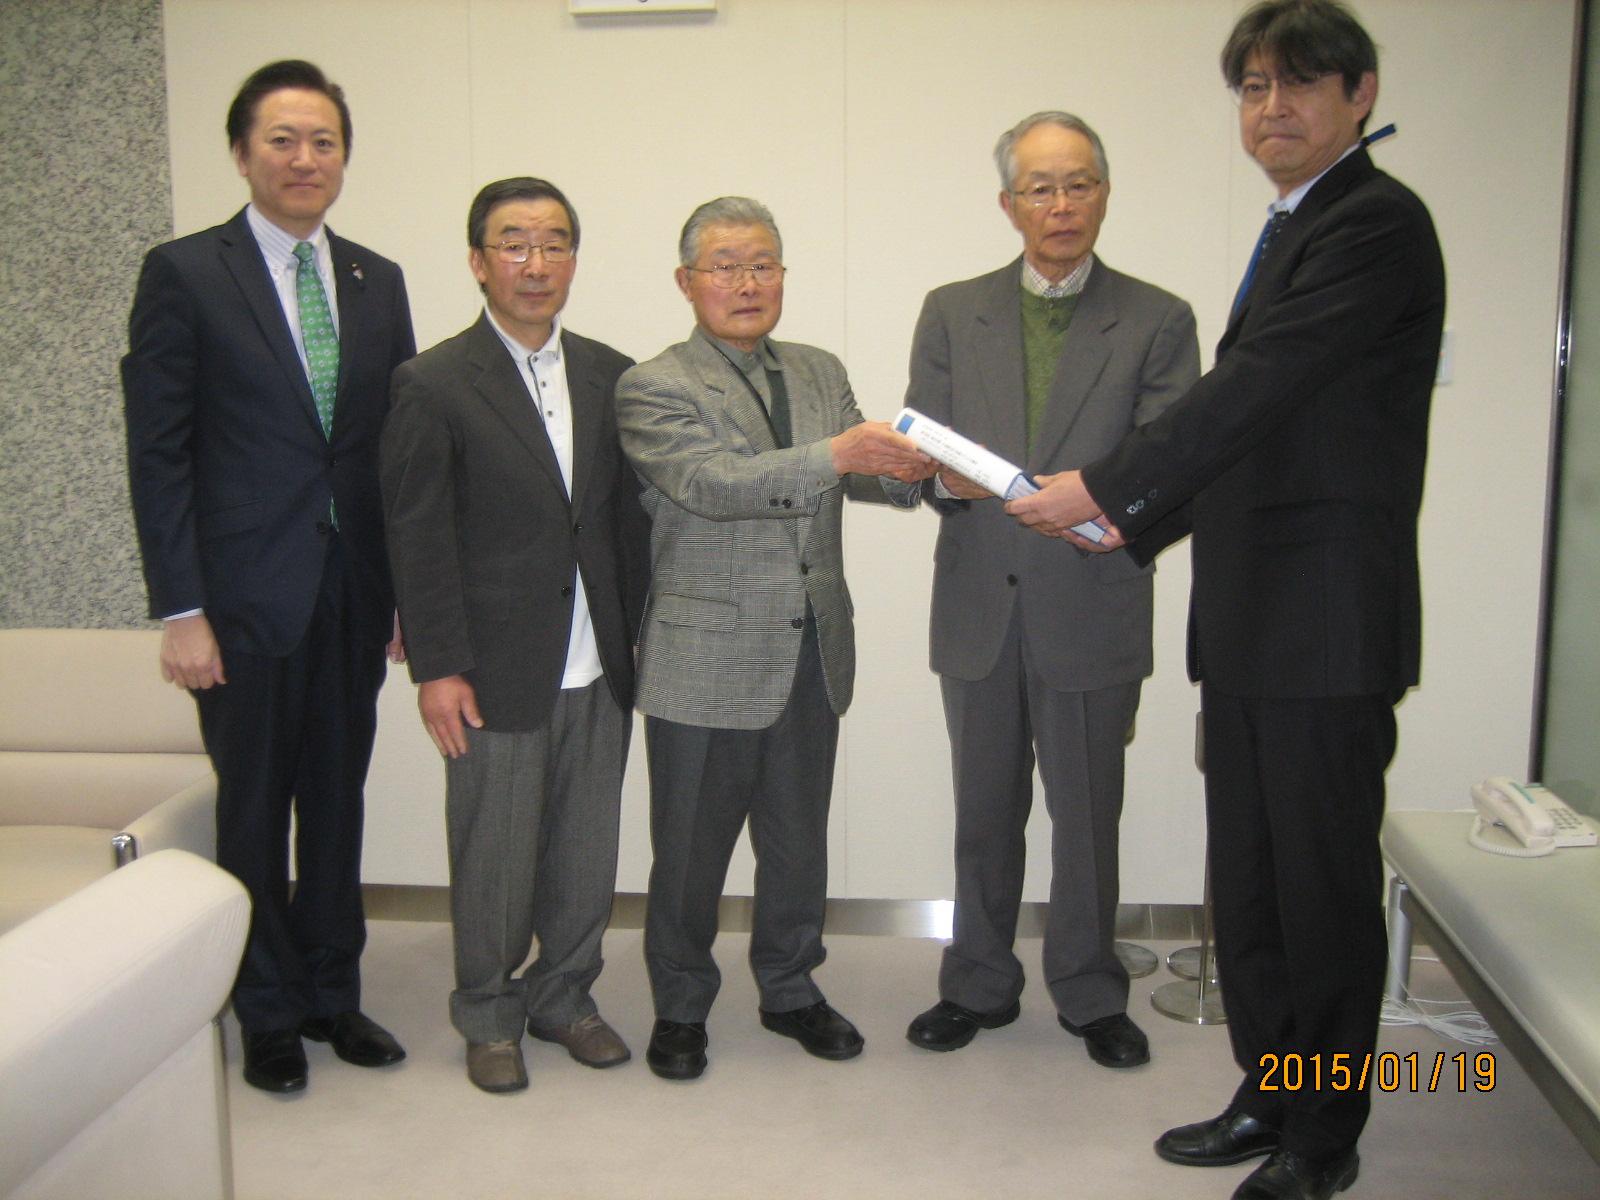 知事あての署名を東京都建設局河川部に提出しました!_a0258102_21351987.jpg